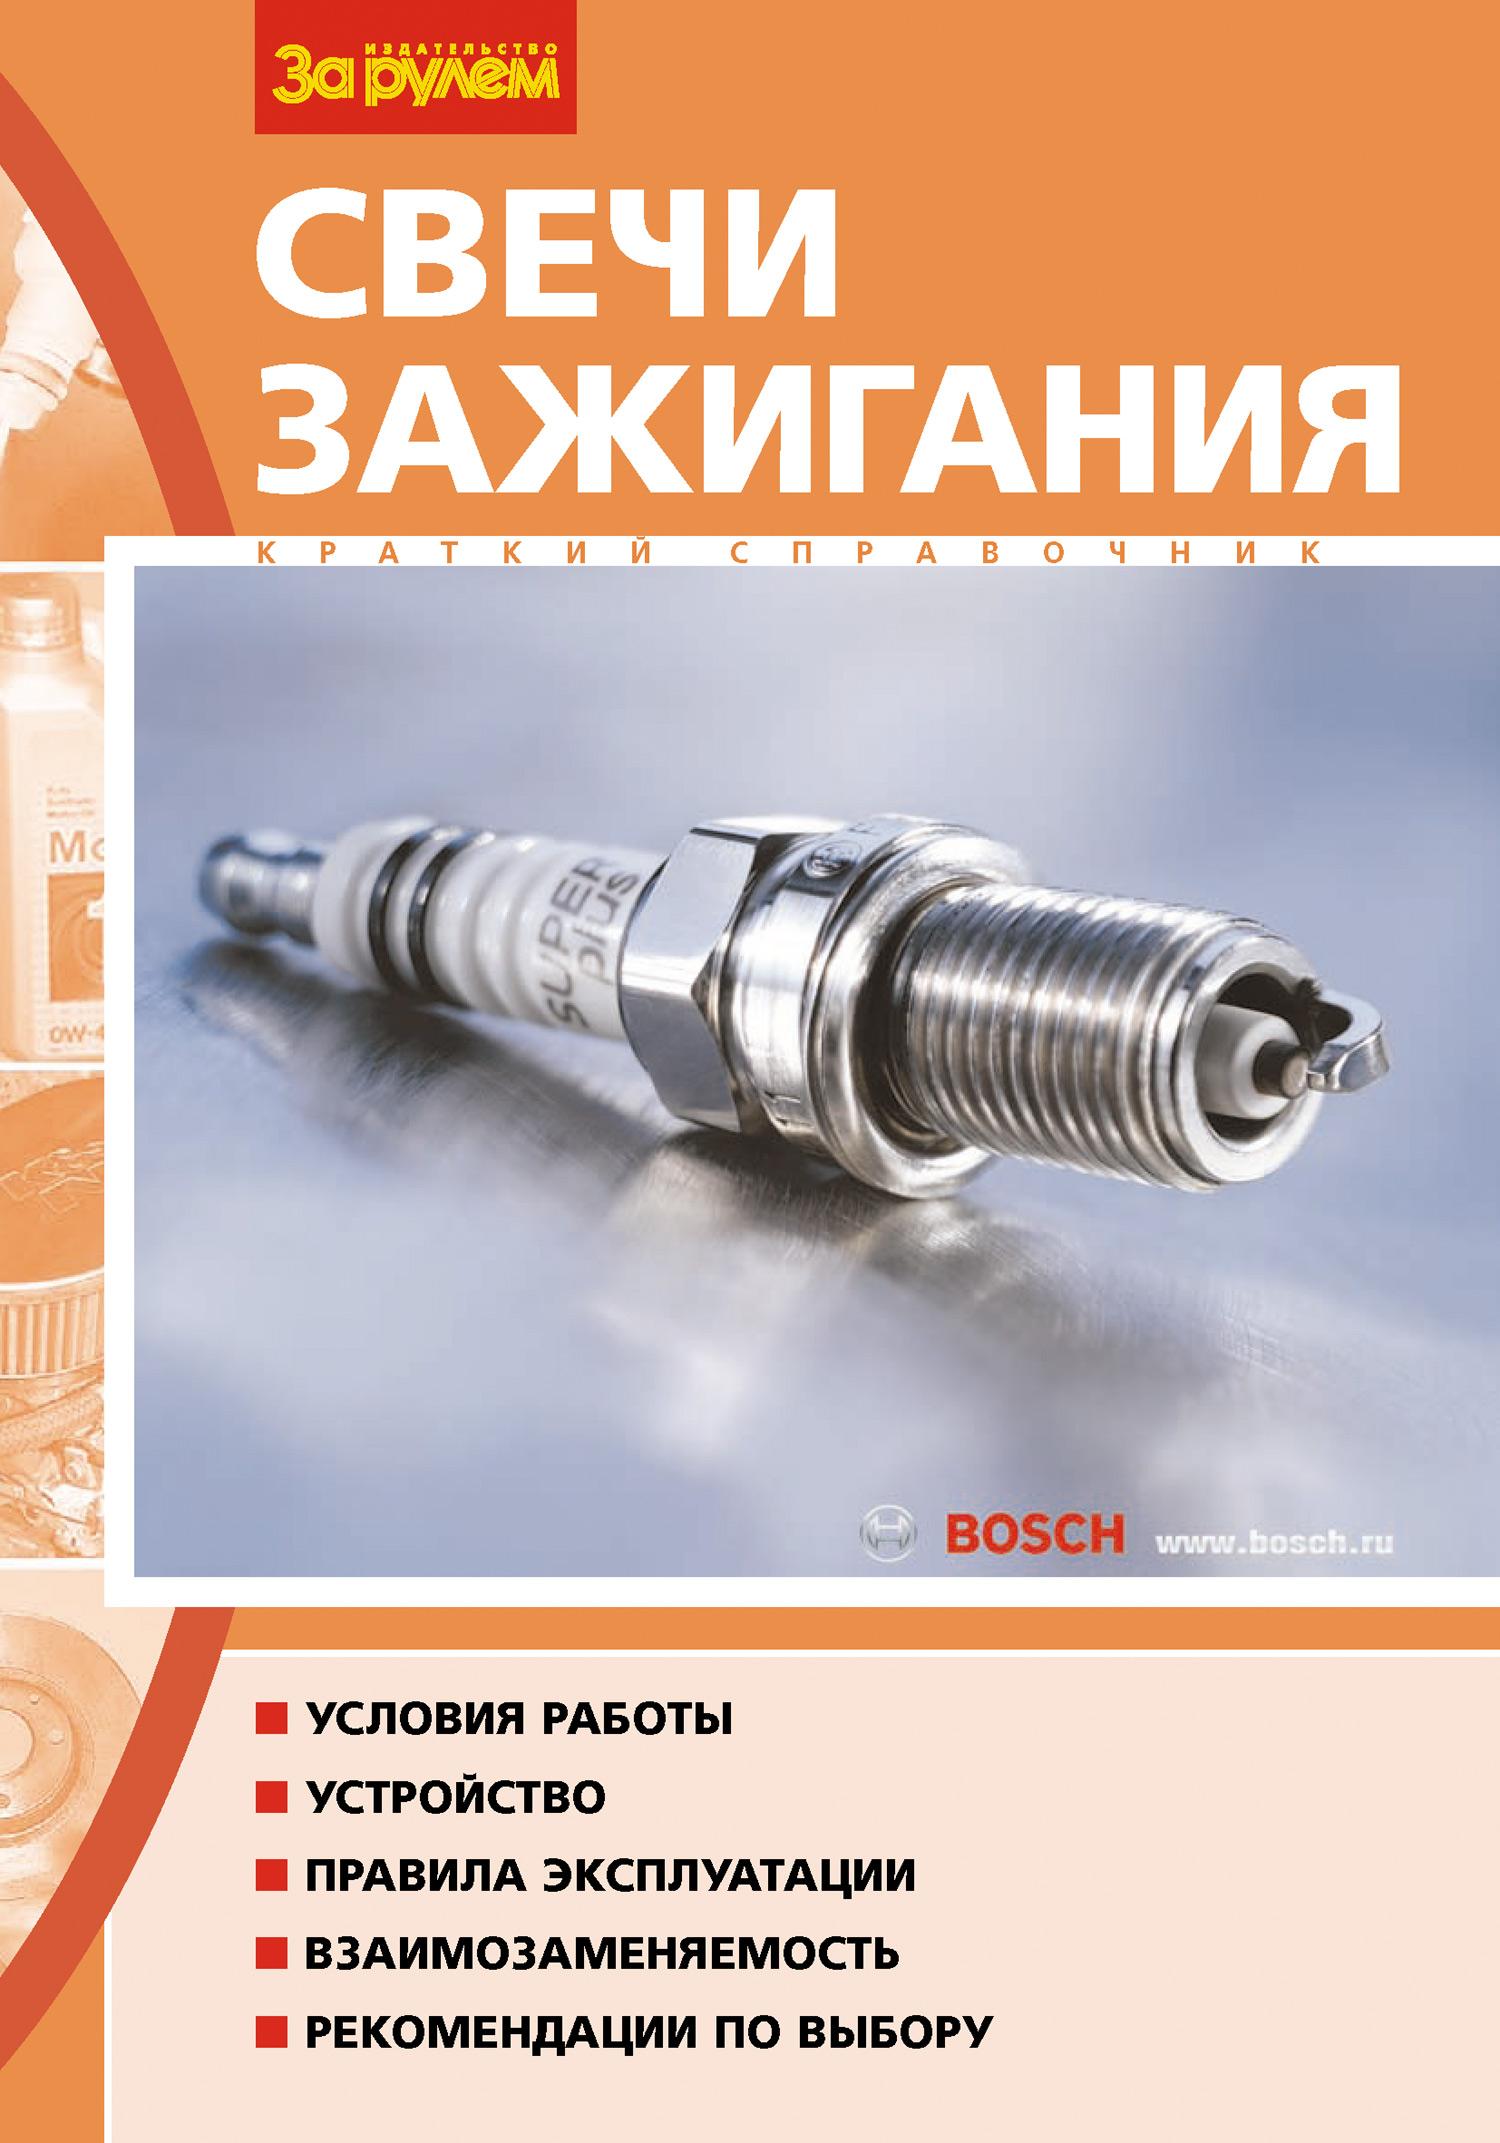 Б. А. Басс Свечи зажигания. Краткий справочник